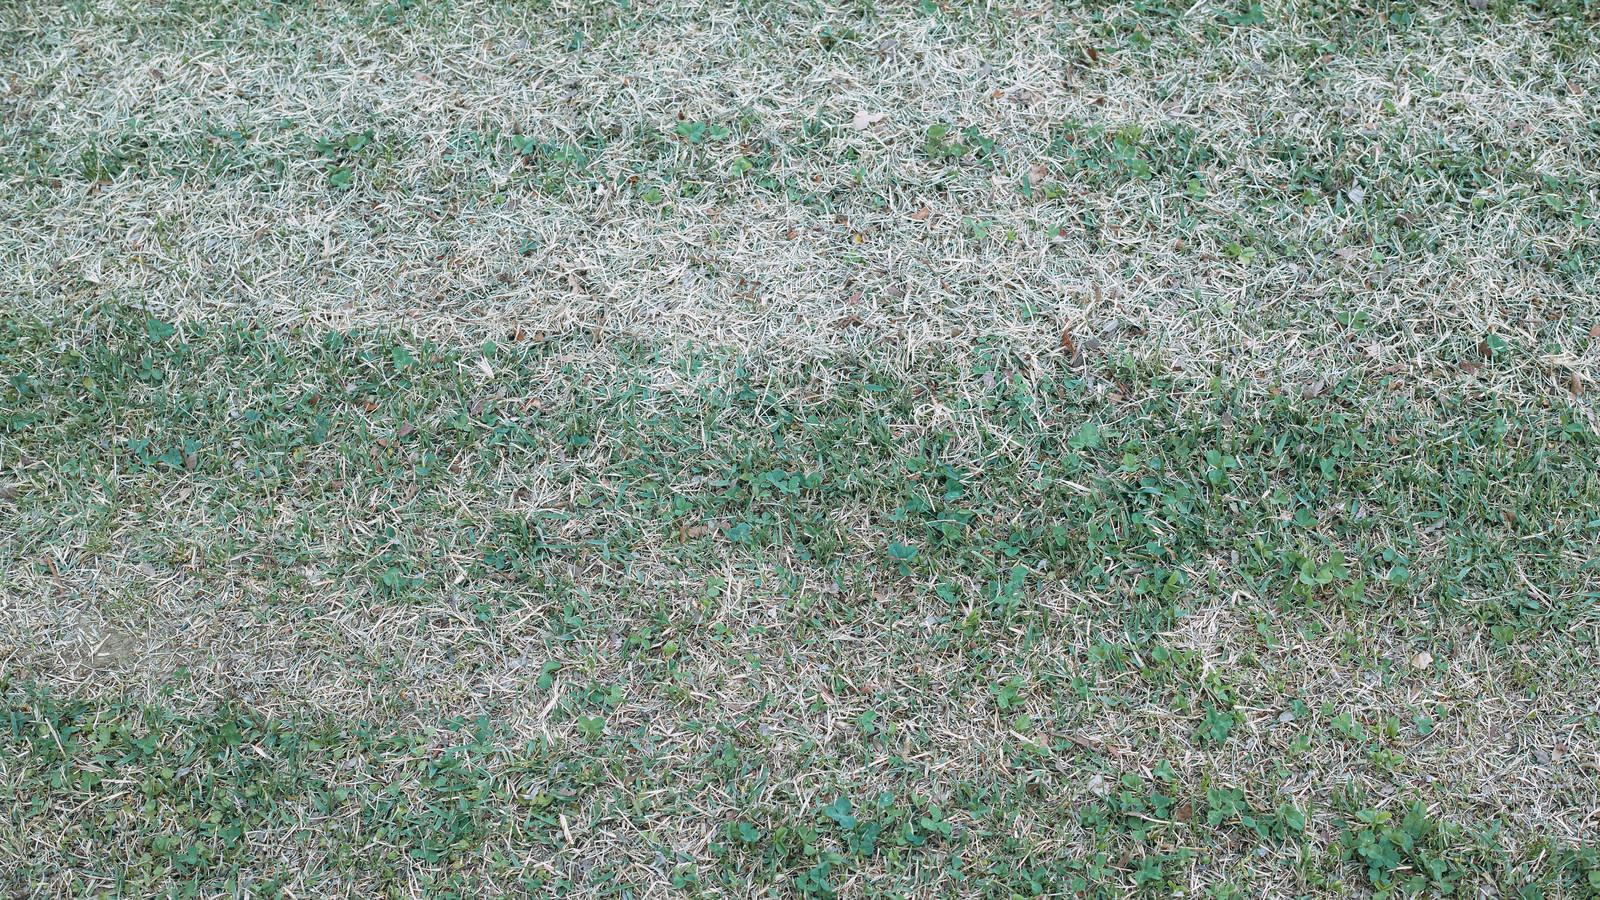 「二色のグラデーションが際立つ芝生」の写真